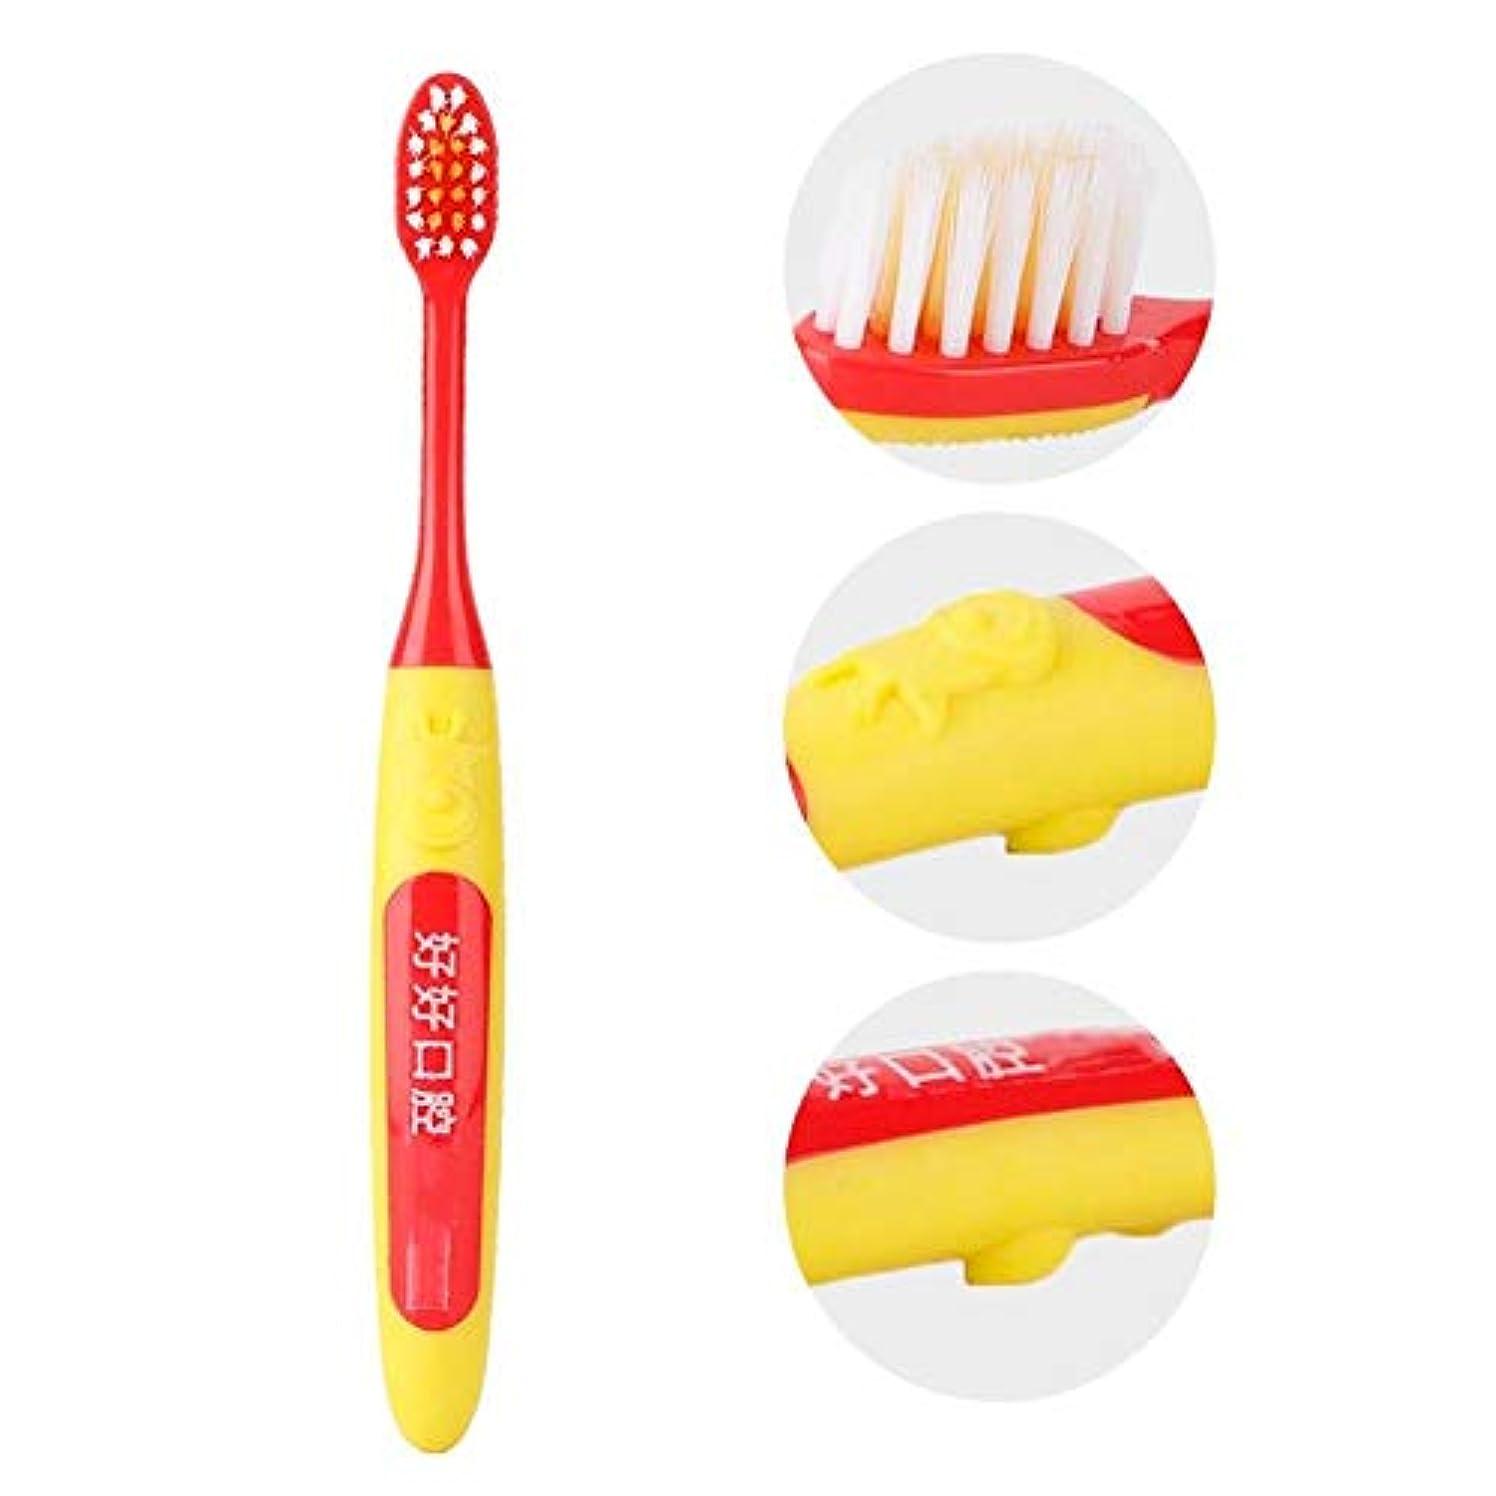 七時半学期シーフード歯ブラシ子供の柔らかい髪の歯ブラシかわいい子供のクリーニング歯ブラシオーラルケアツール(黄色いハンドル)